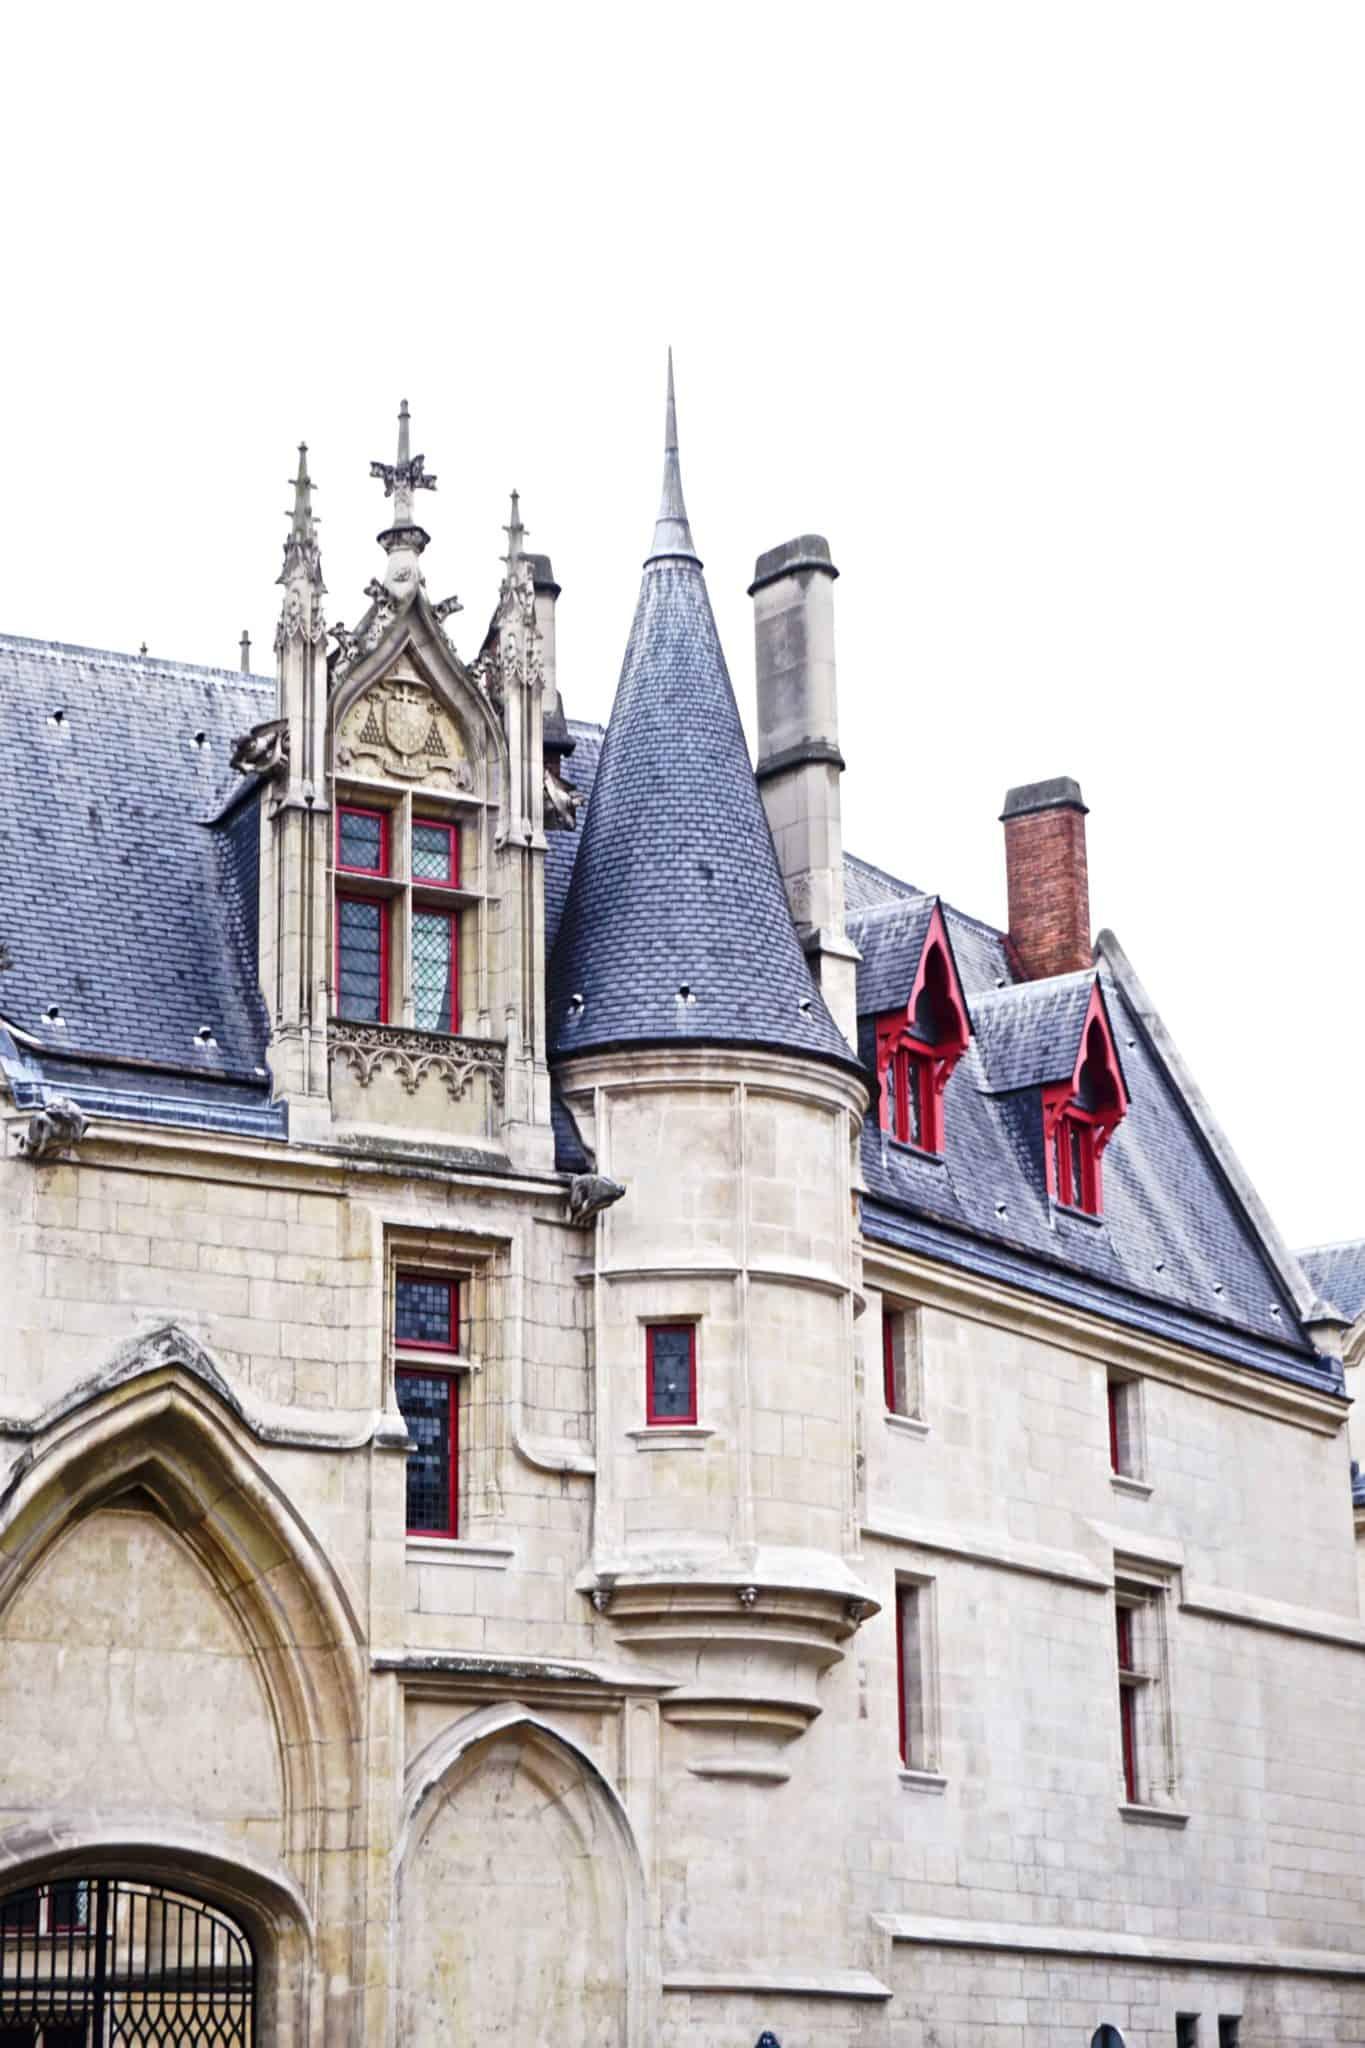 Hotel de Sens, Paris, France